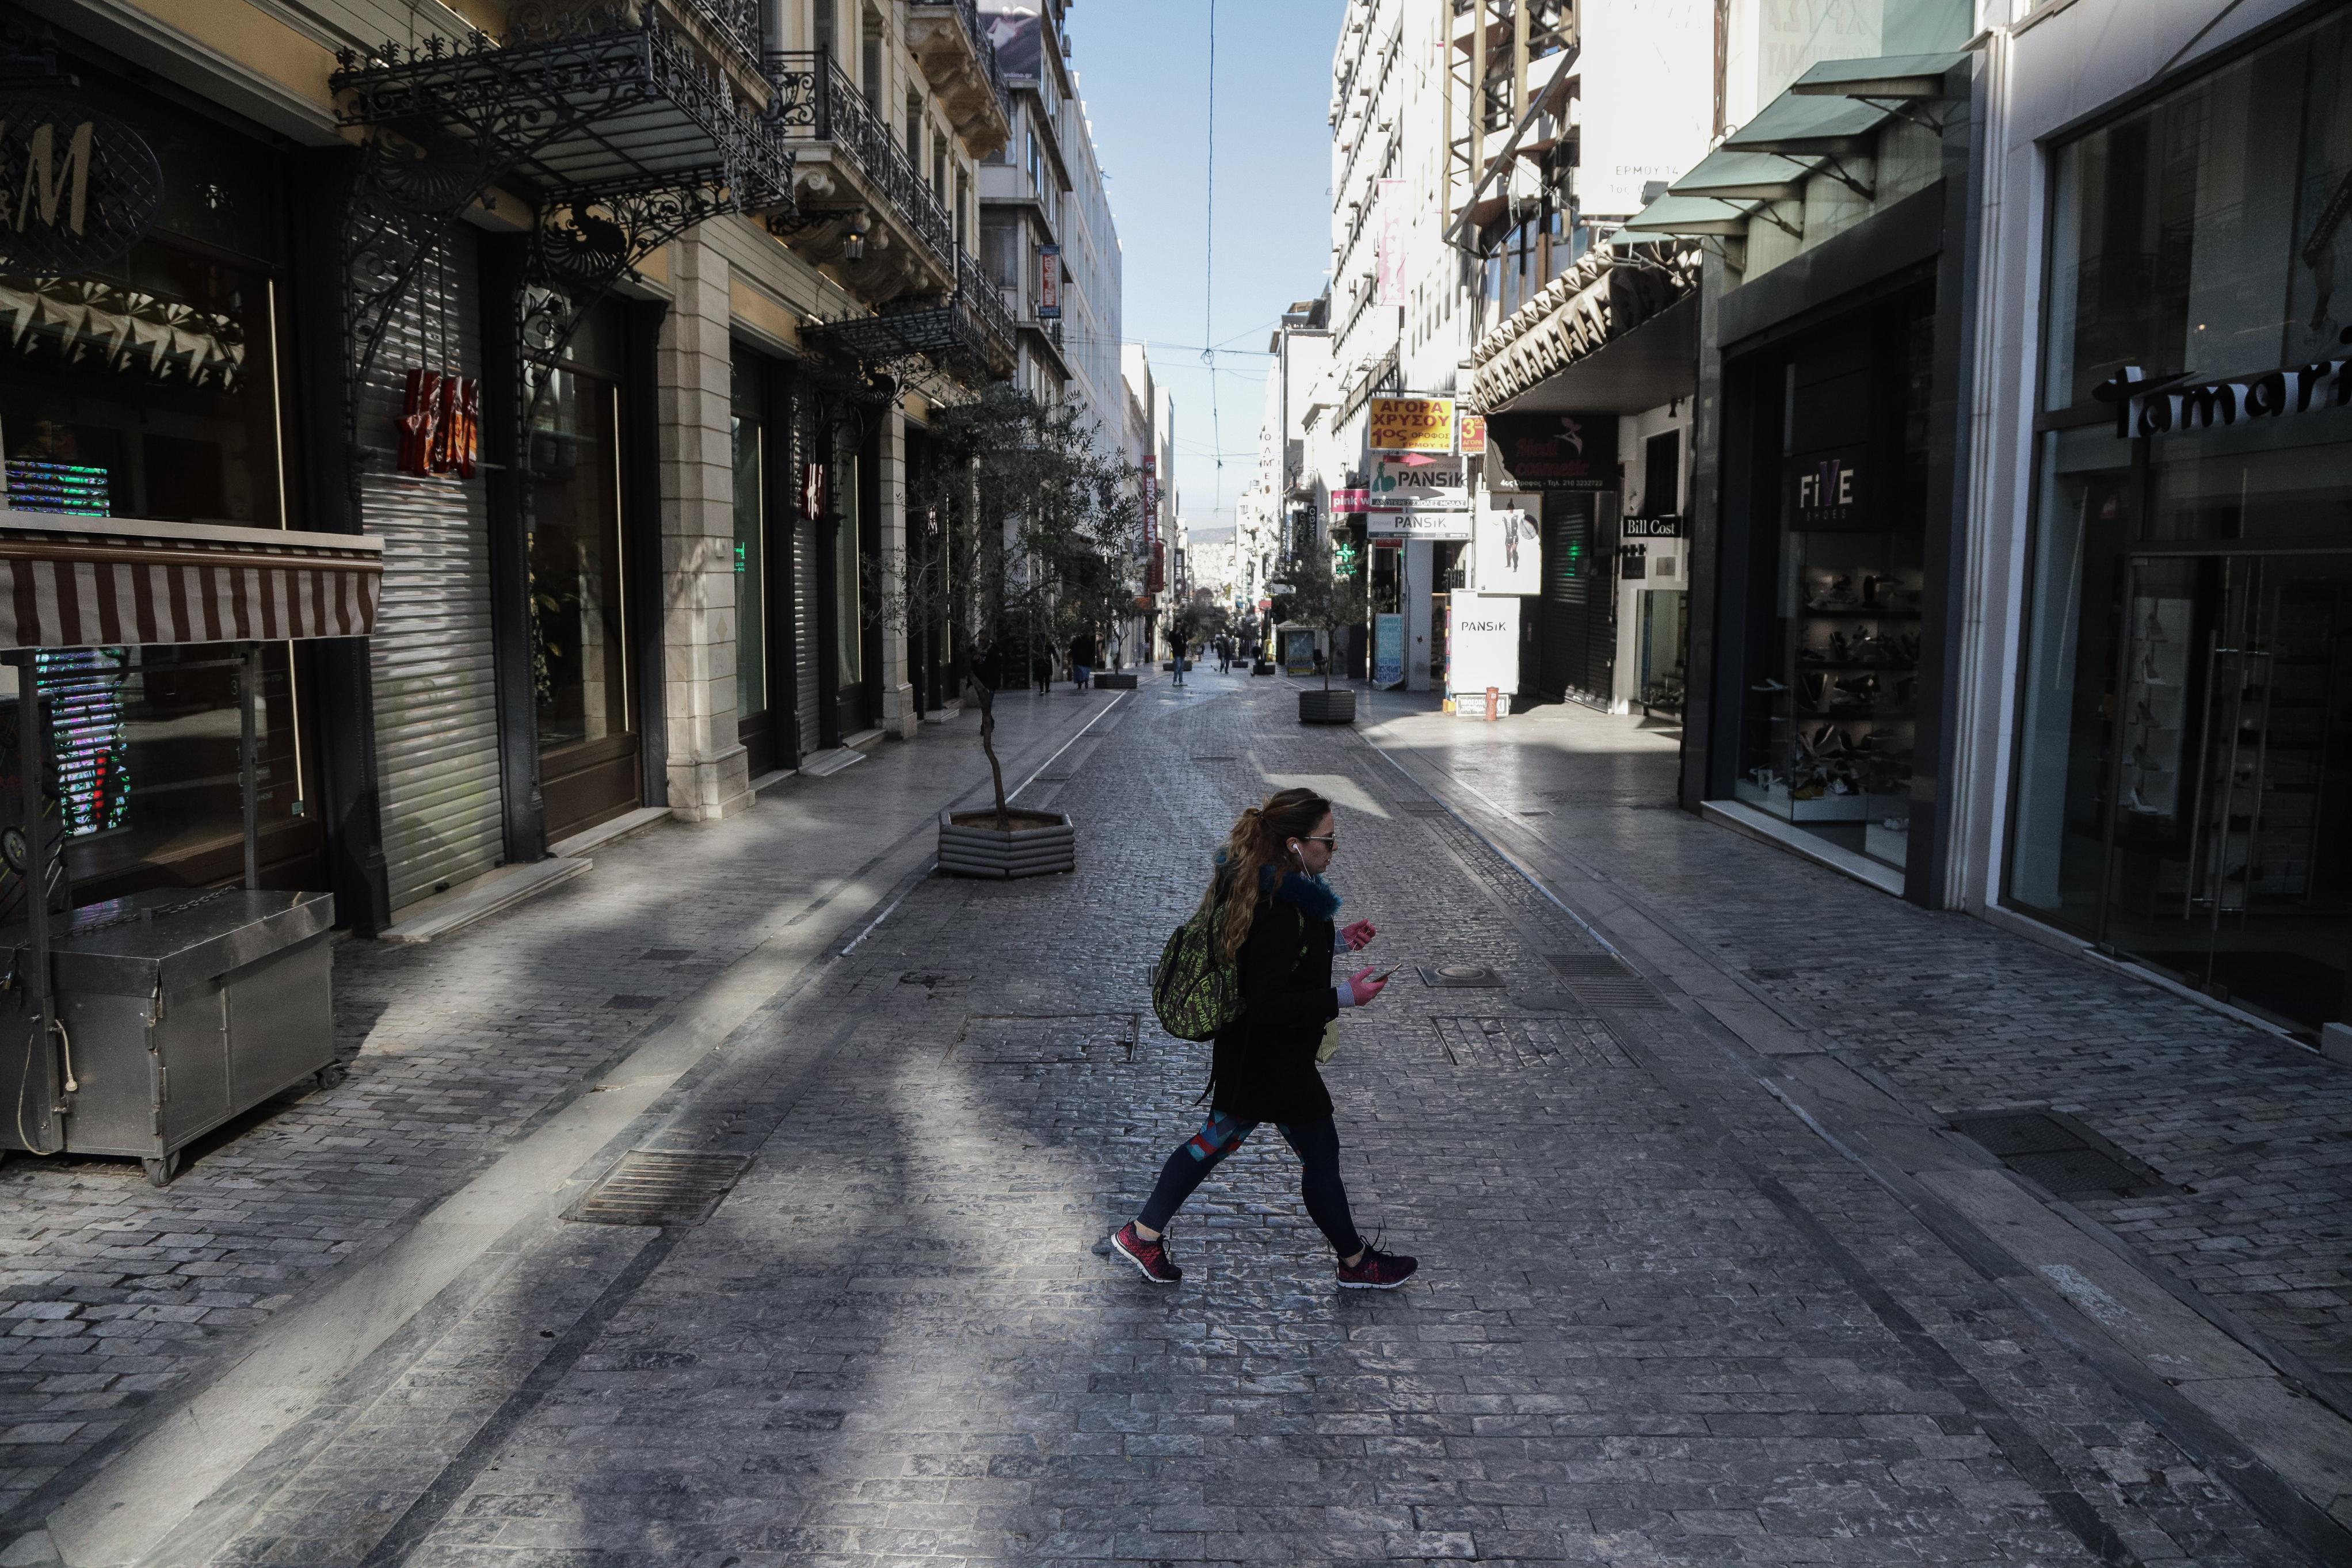 Ερημη η άλλοτε πολυσύχναστη οδός Ερμού στην καρδιά της Αθήνας